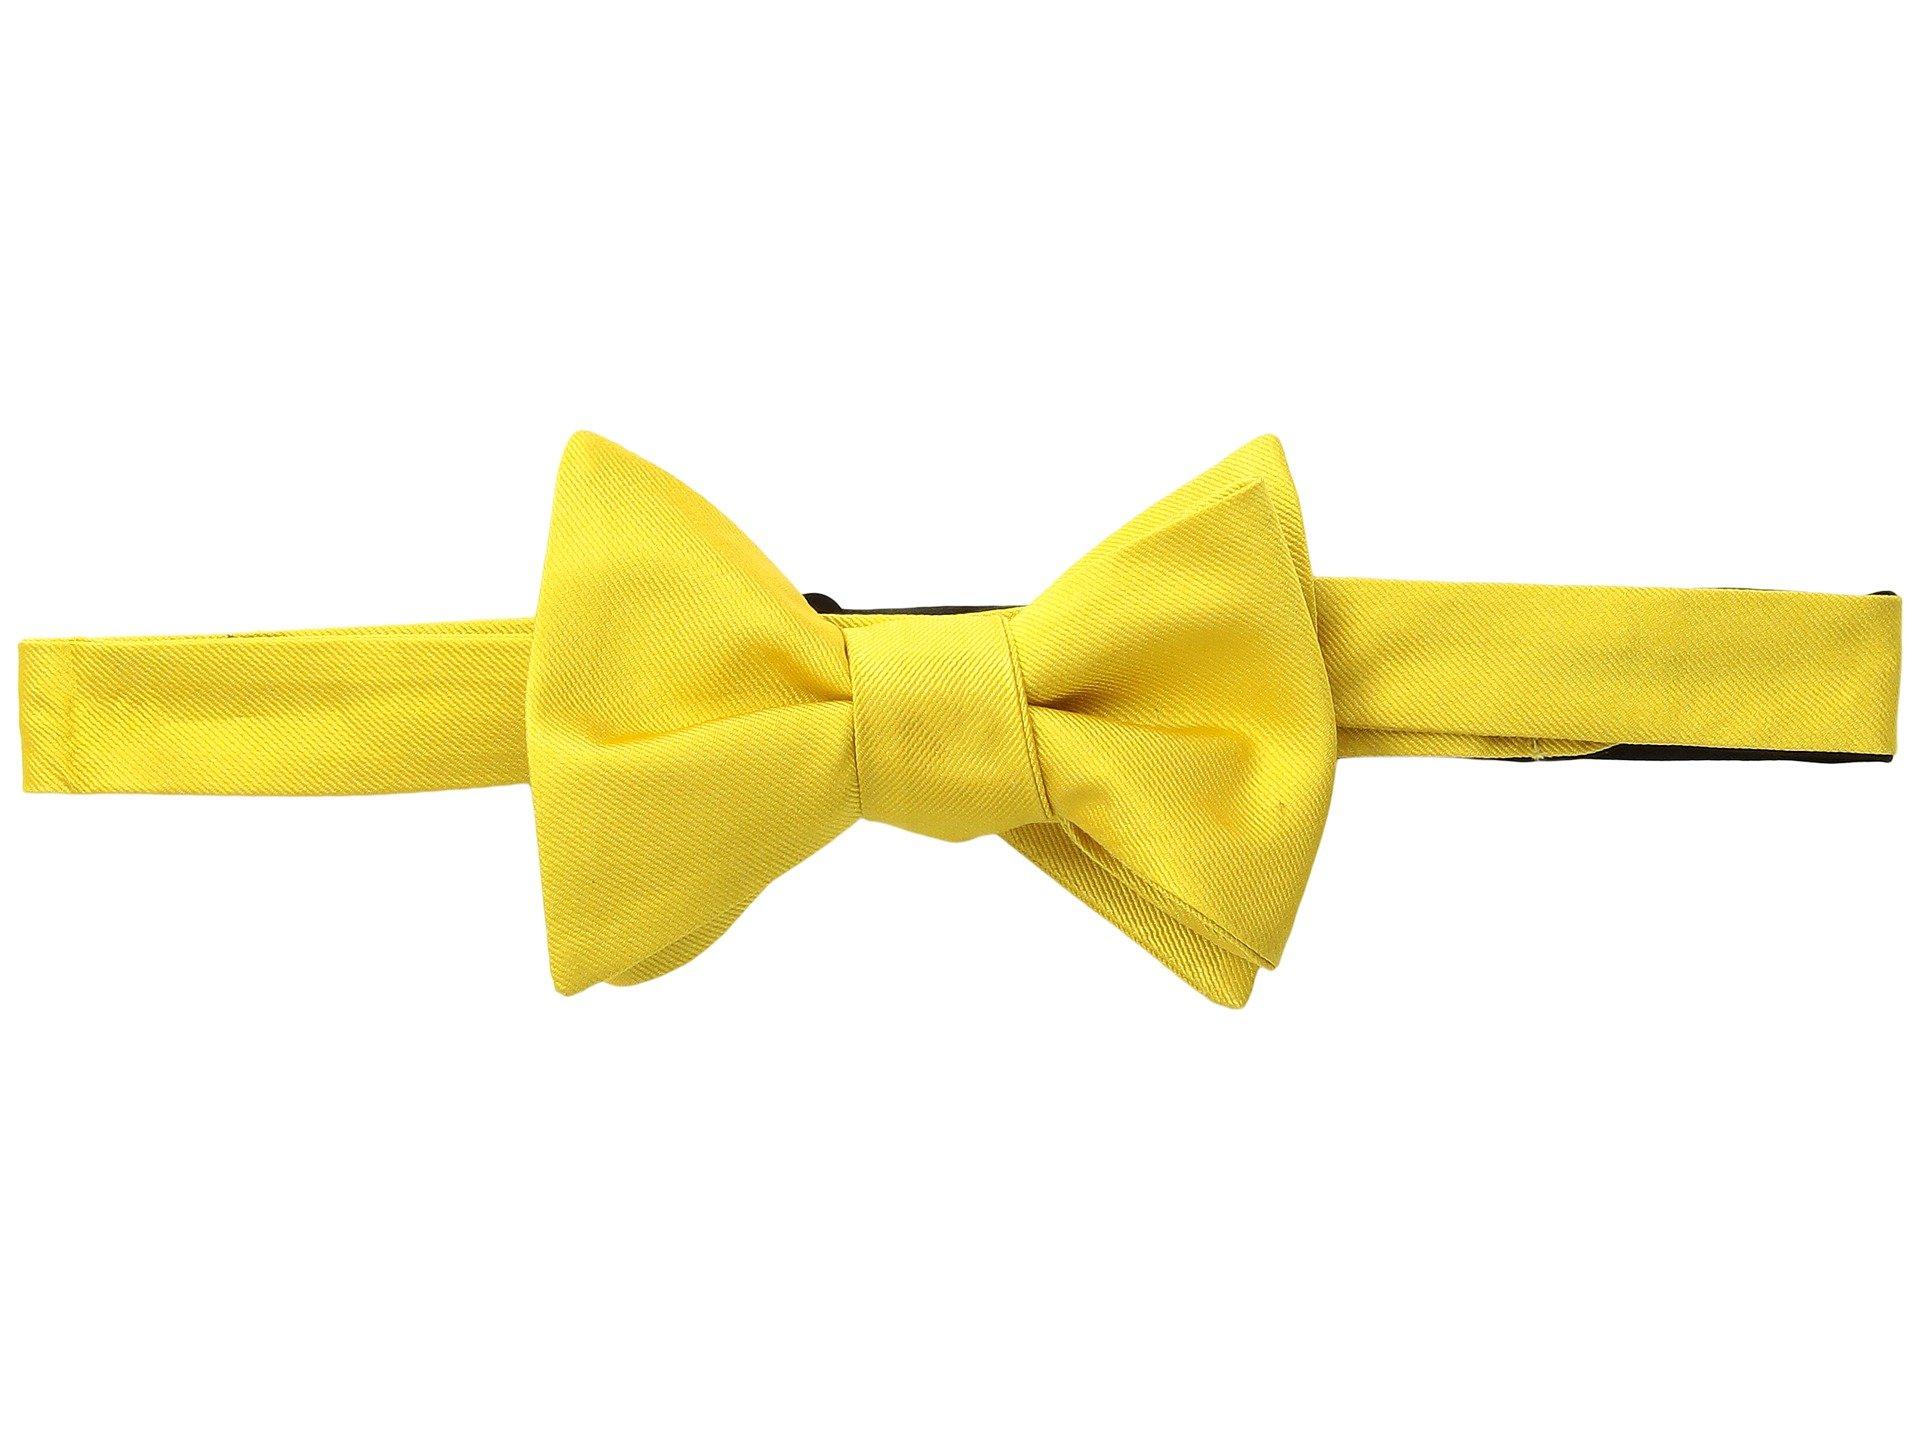 Corbata para Hombre Tommy Hilfiger Core Solid Self-Tie Bow Tie  + Tommy Hilfiger en VeoyCompro.net